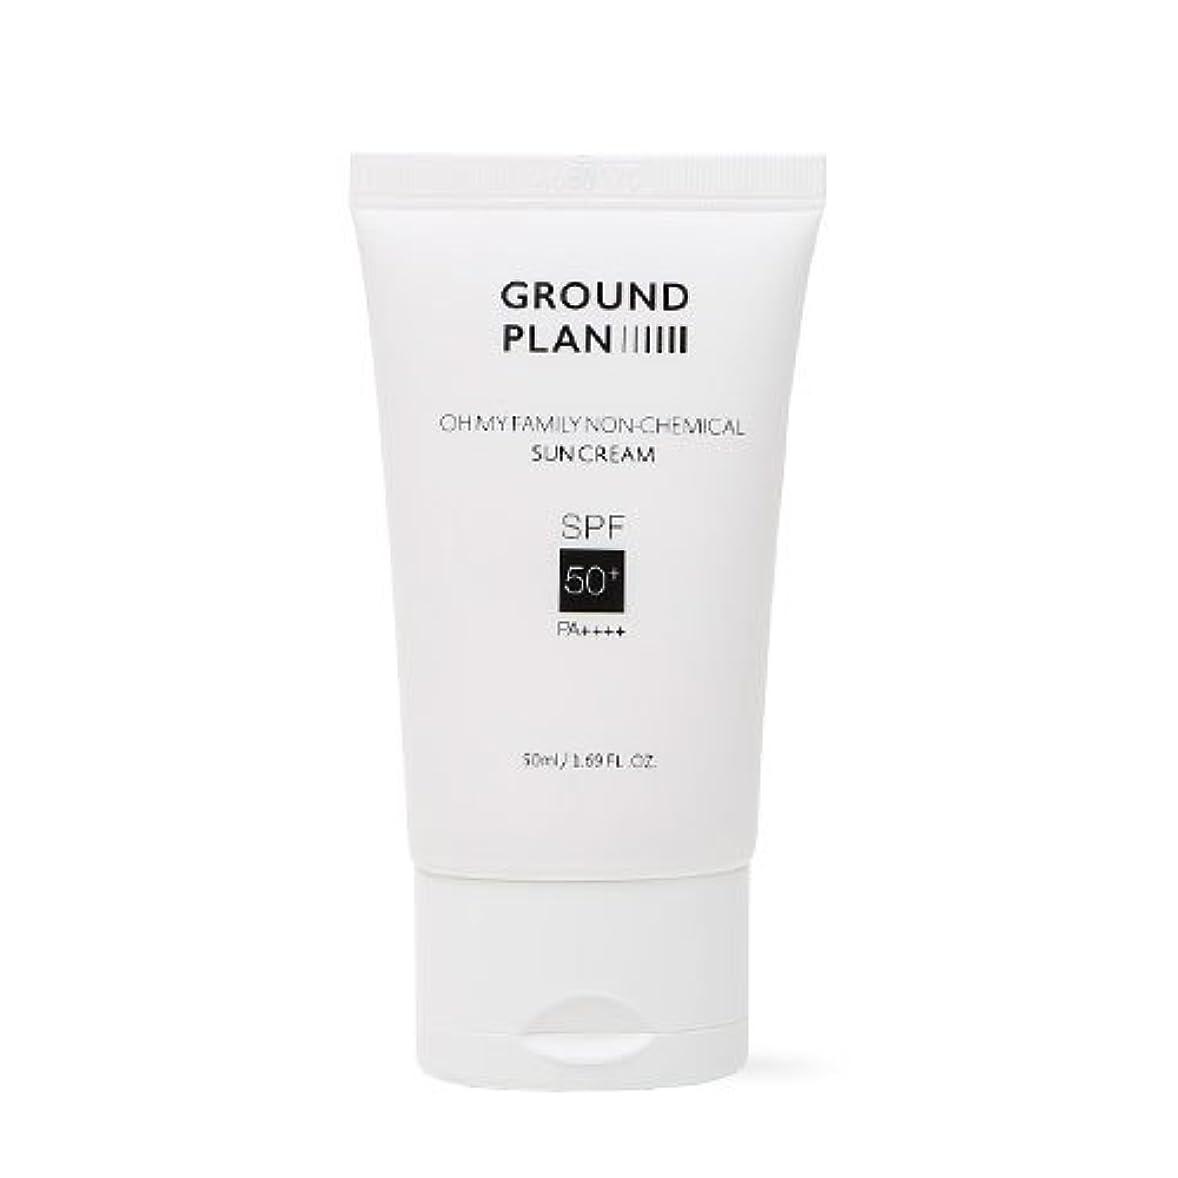 大工フレームワーク延期する[GROUND PLAN] Oh My Family Non-Chemical Sun Cream 50ml グラウンドプランファミリーノンケミカルサンクリーム [並行輸入品]